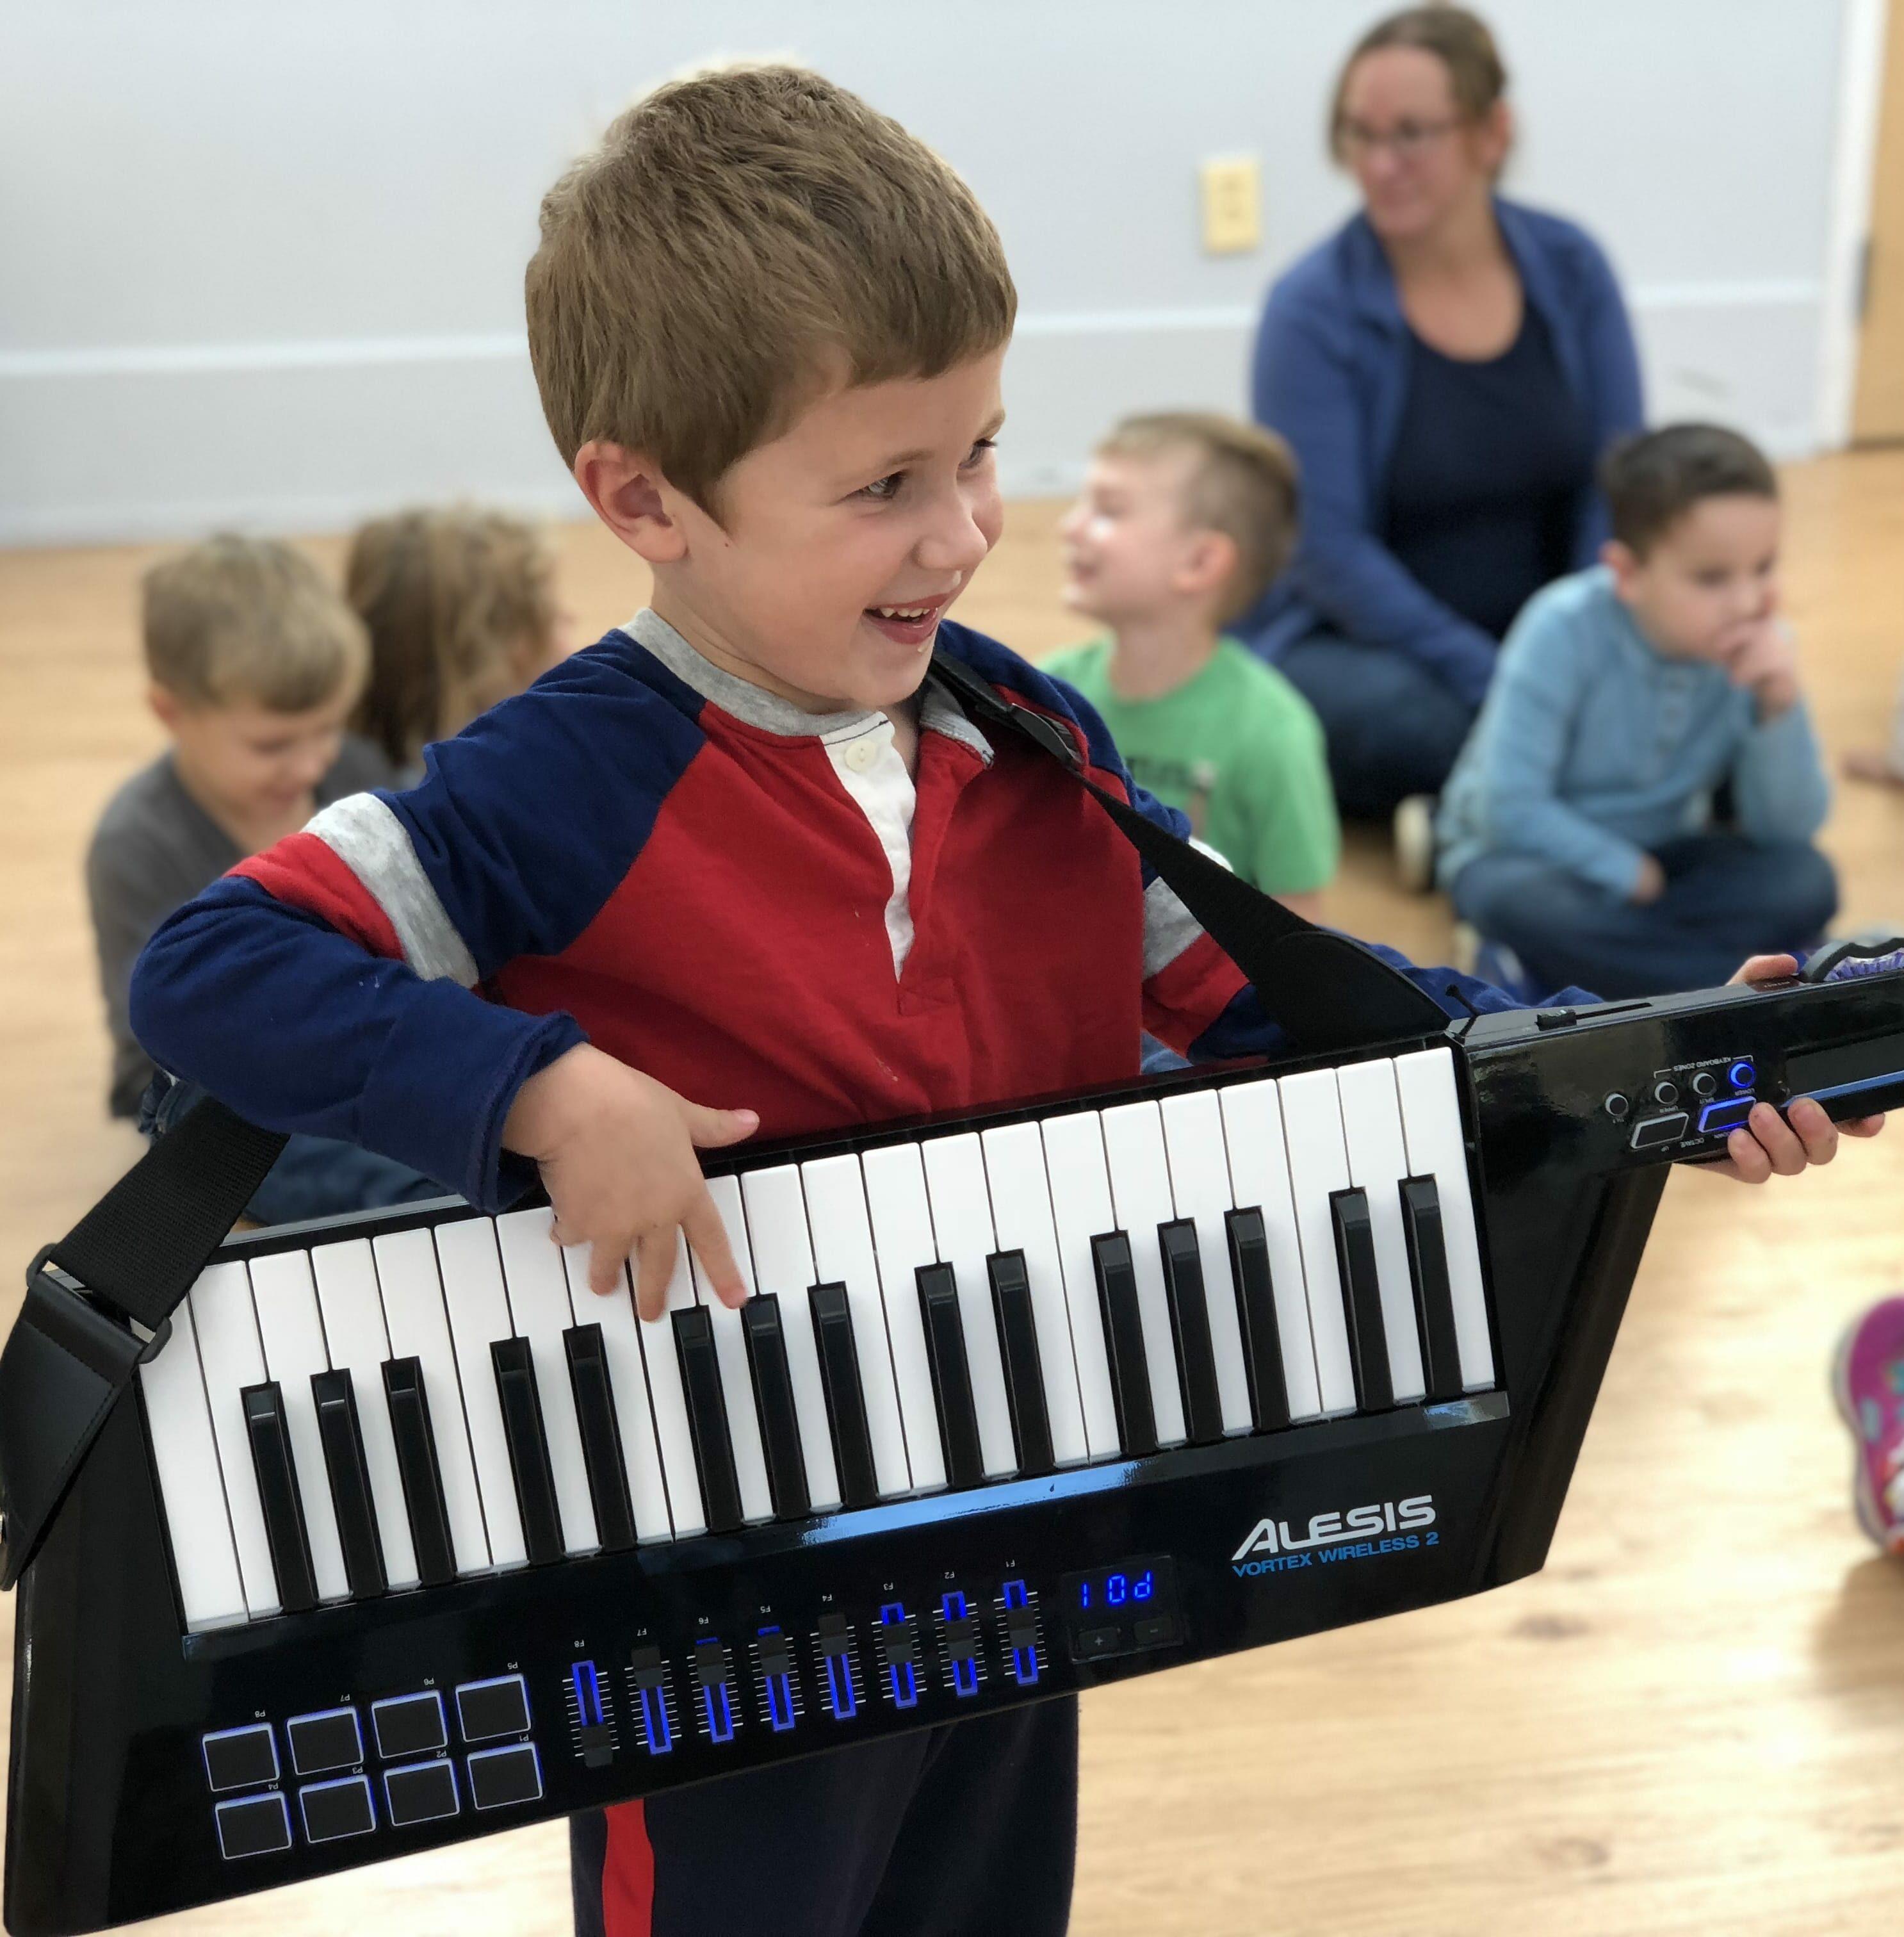 Playing Keytar